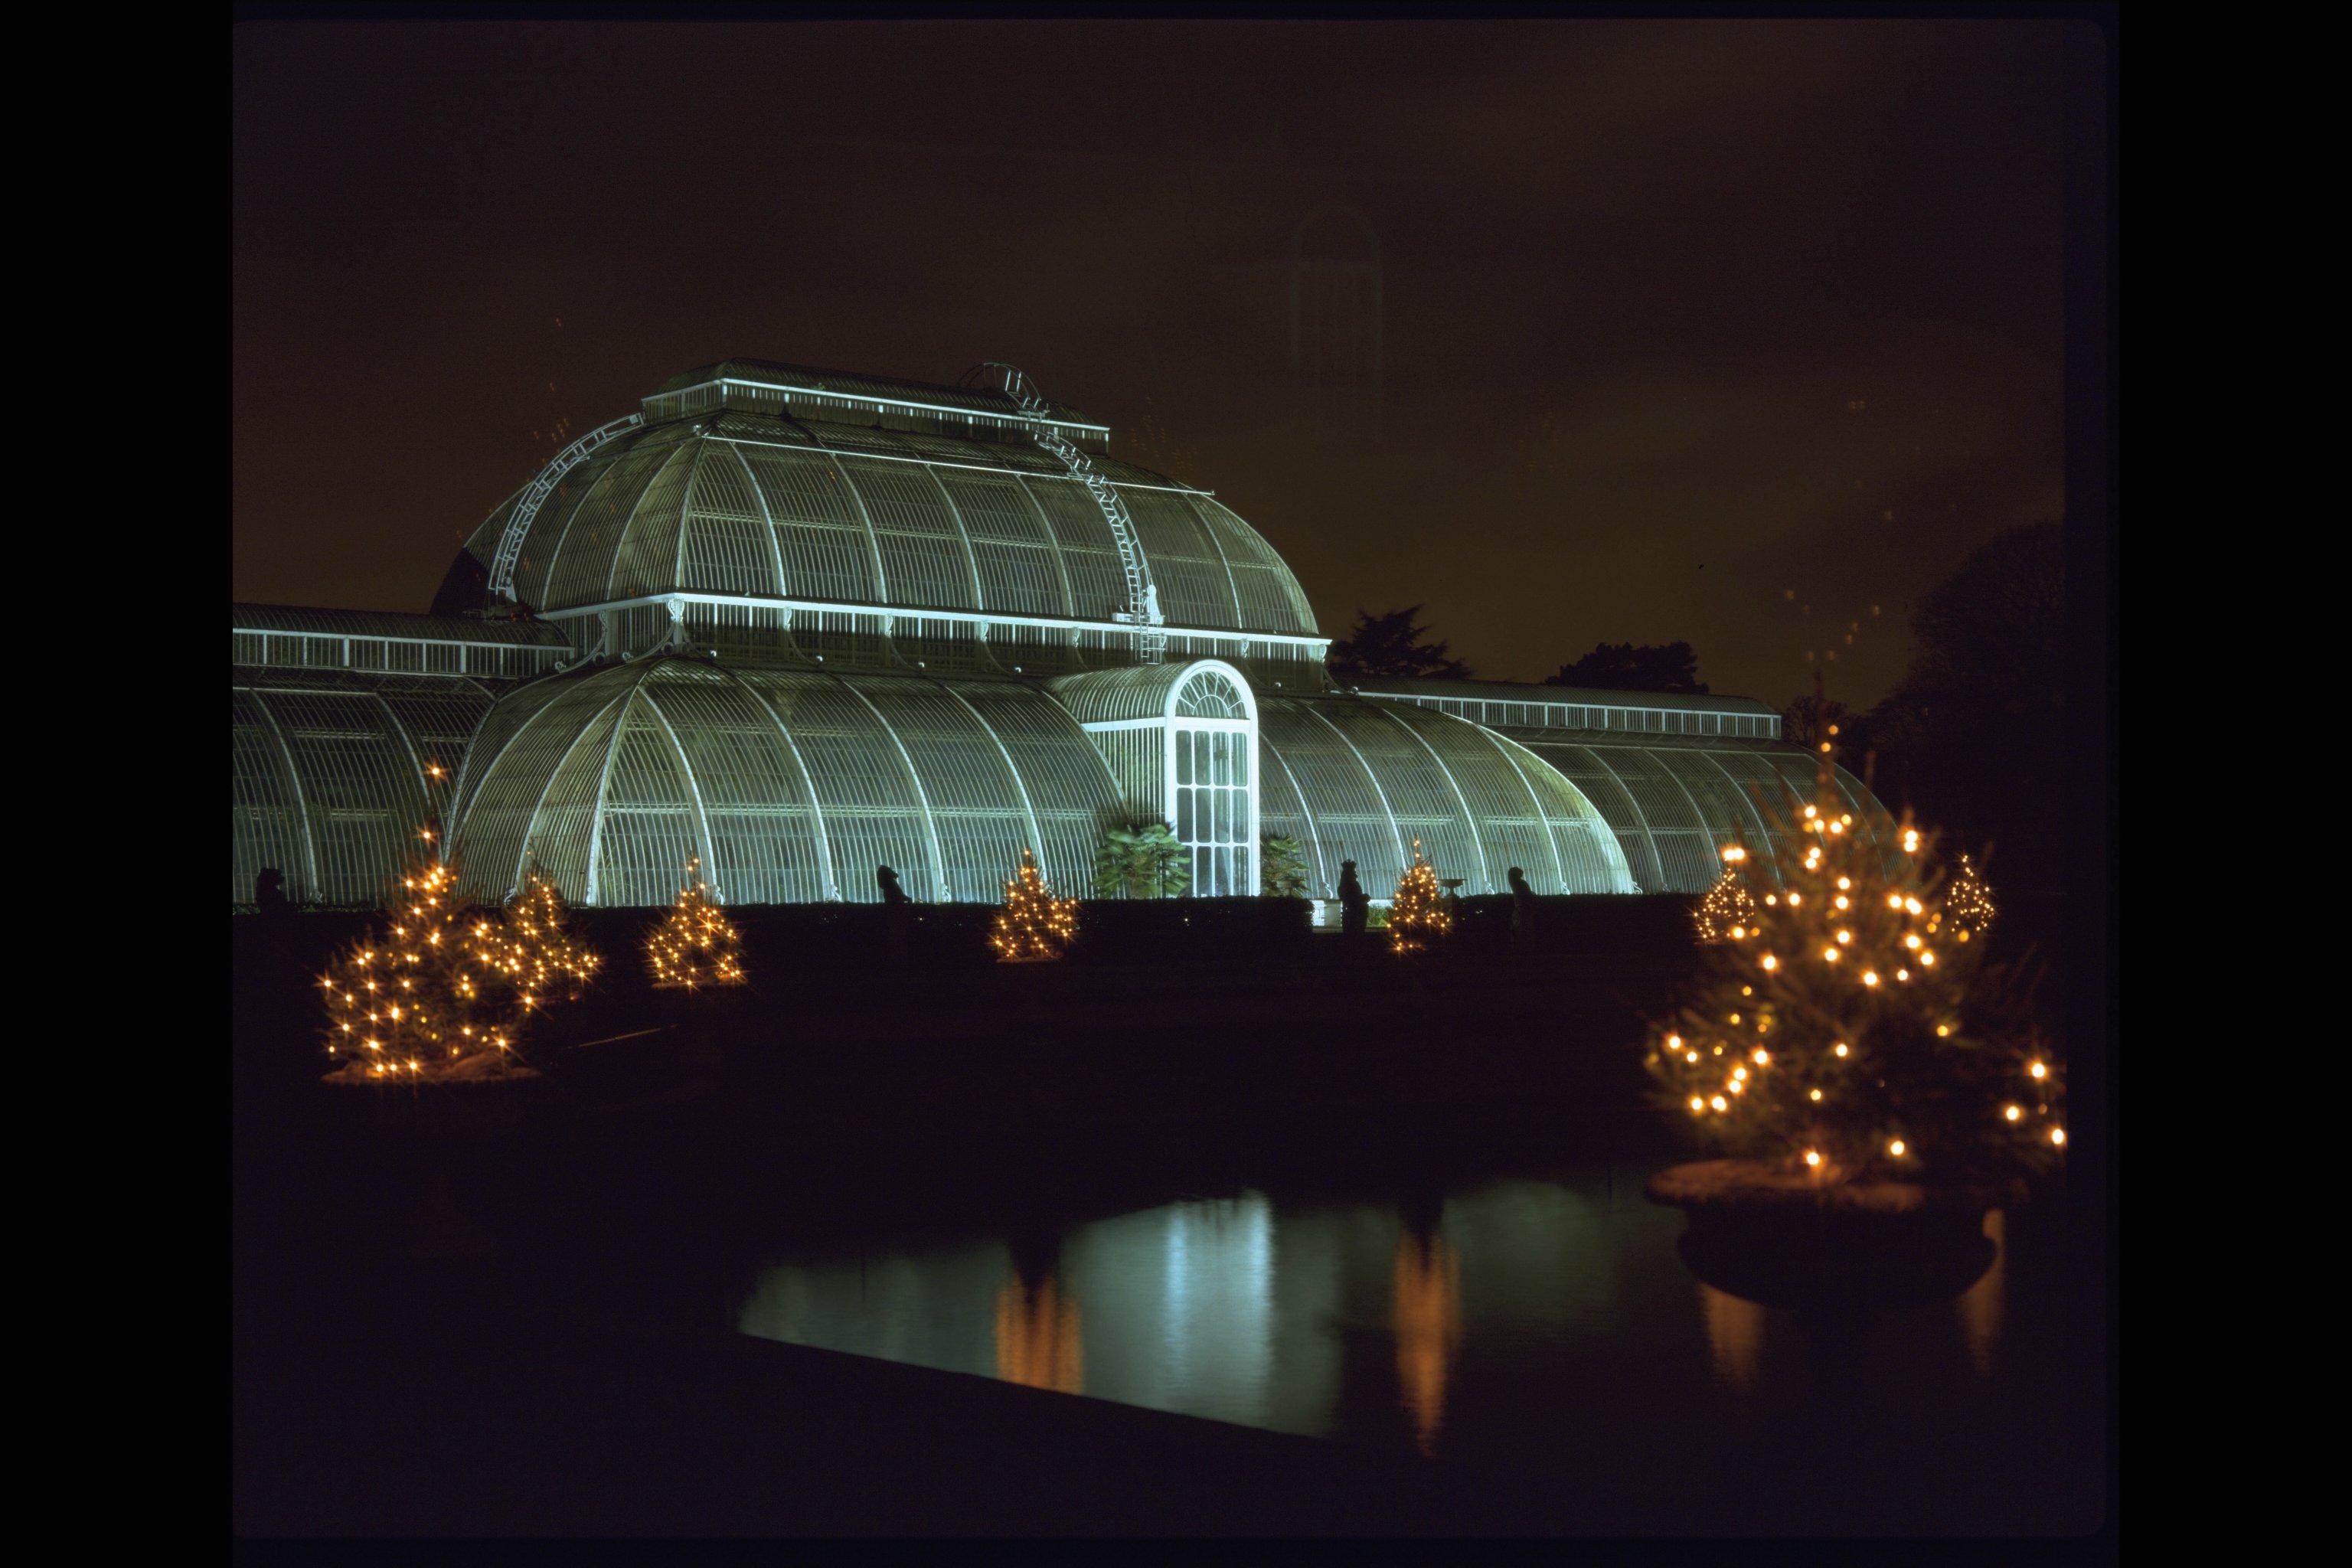 discover a winter wonderland at kew gardens londonlovelies